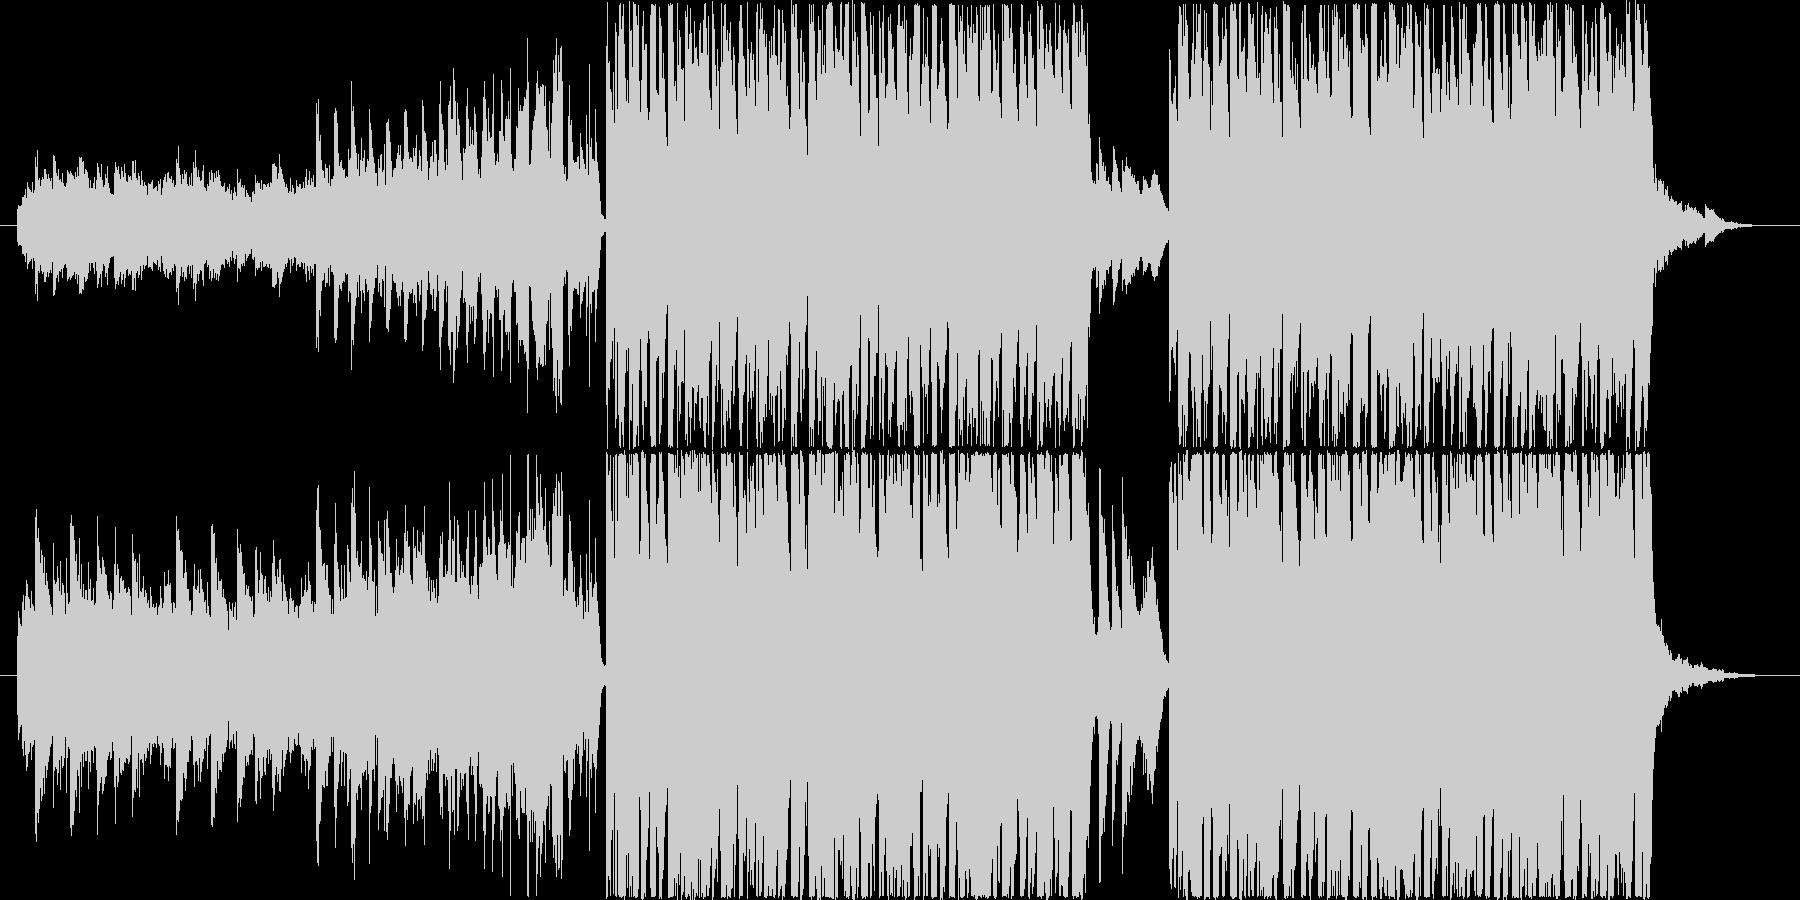 明るく楽しいエレクトロポップの未再生の波形